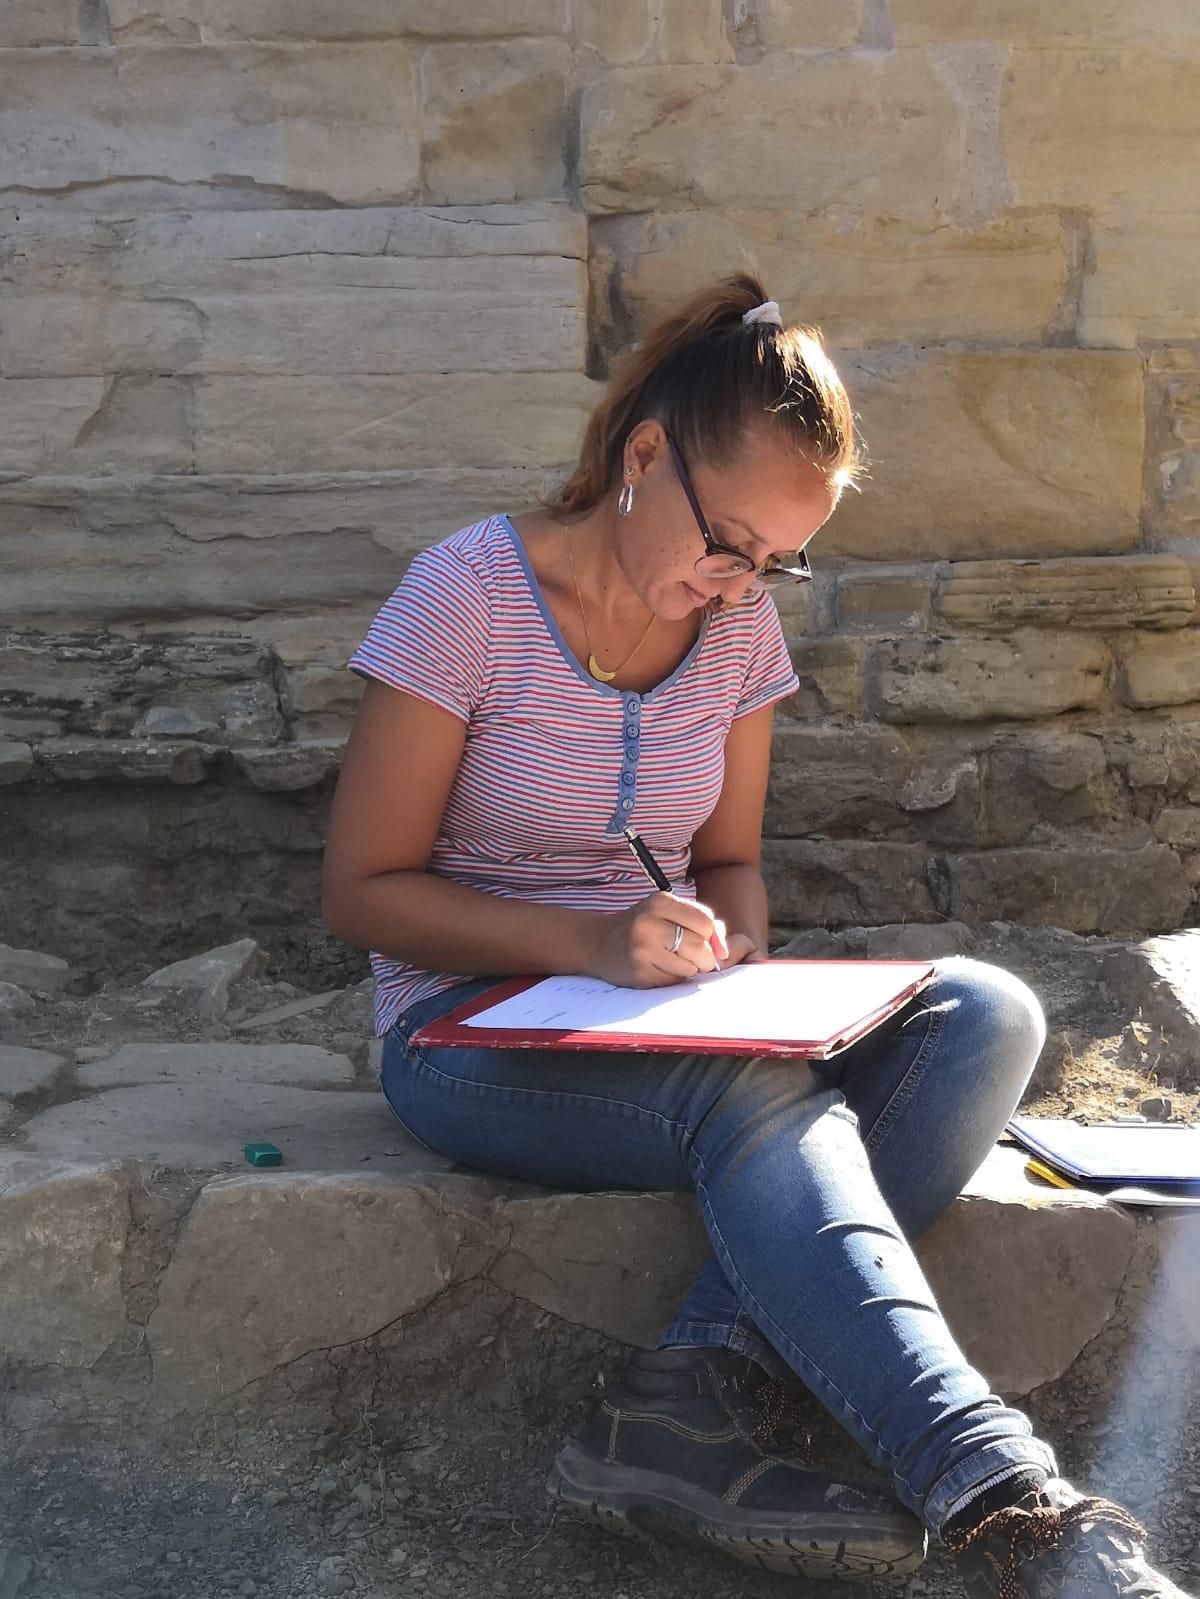 Iniziamo a scoprire quali sono gli specialisti che operano presso la Pieve: Cristiana Margherita, archeologa e antropologa